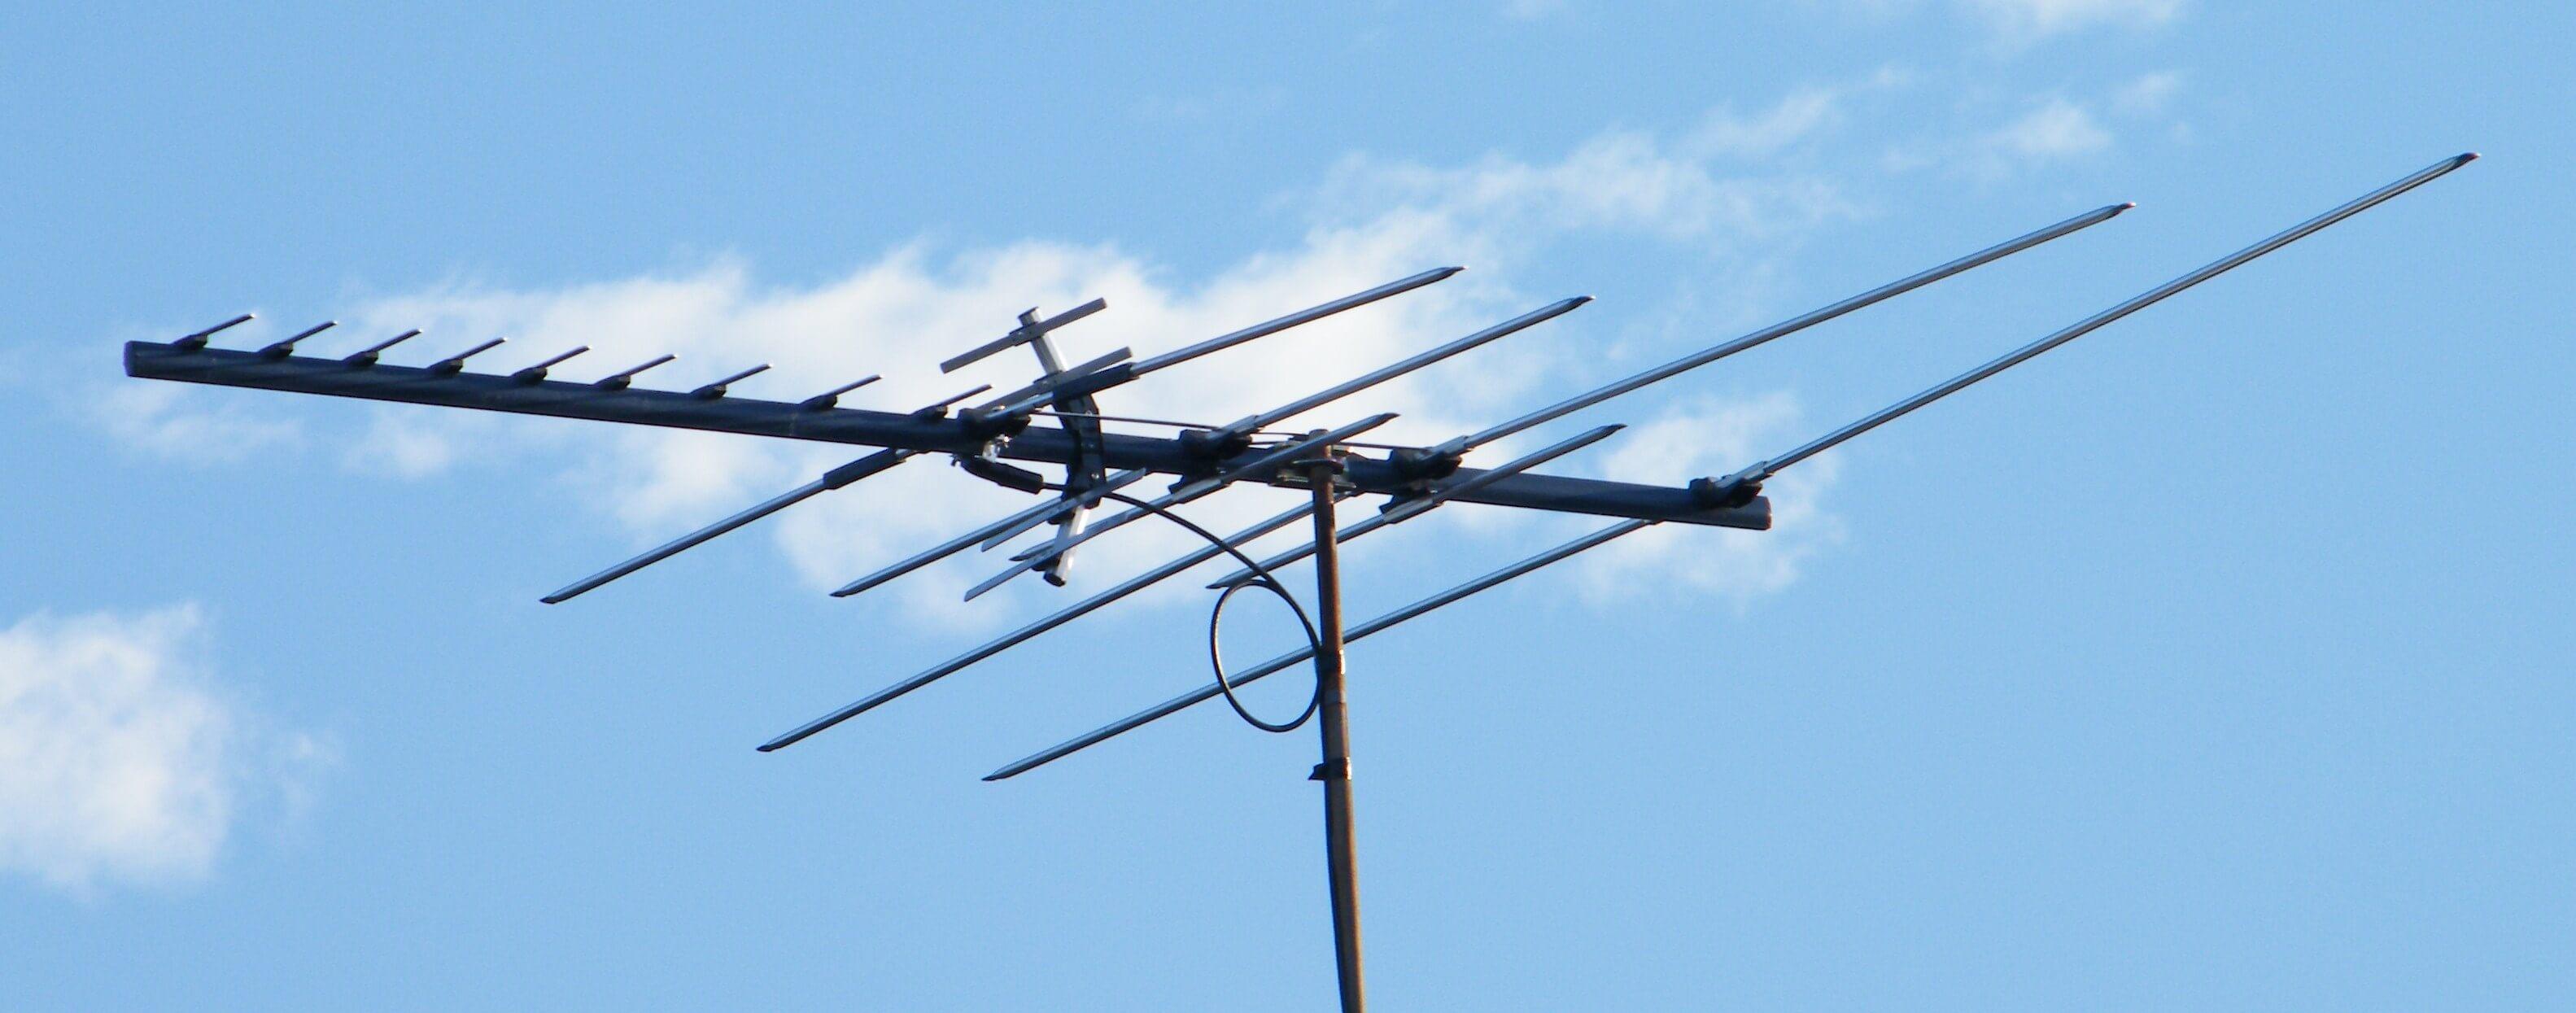 Large_antenna